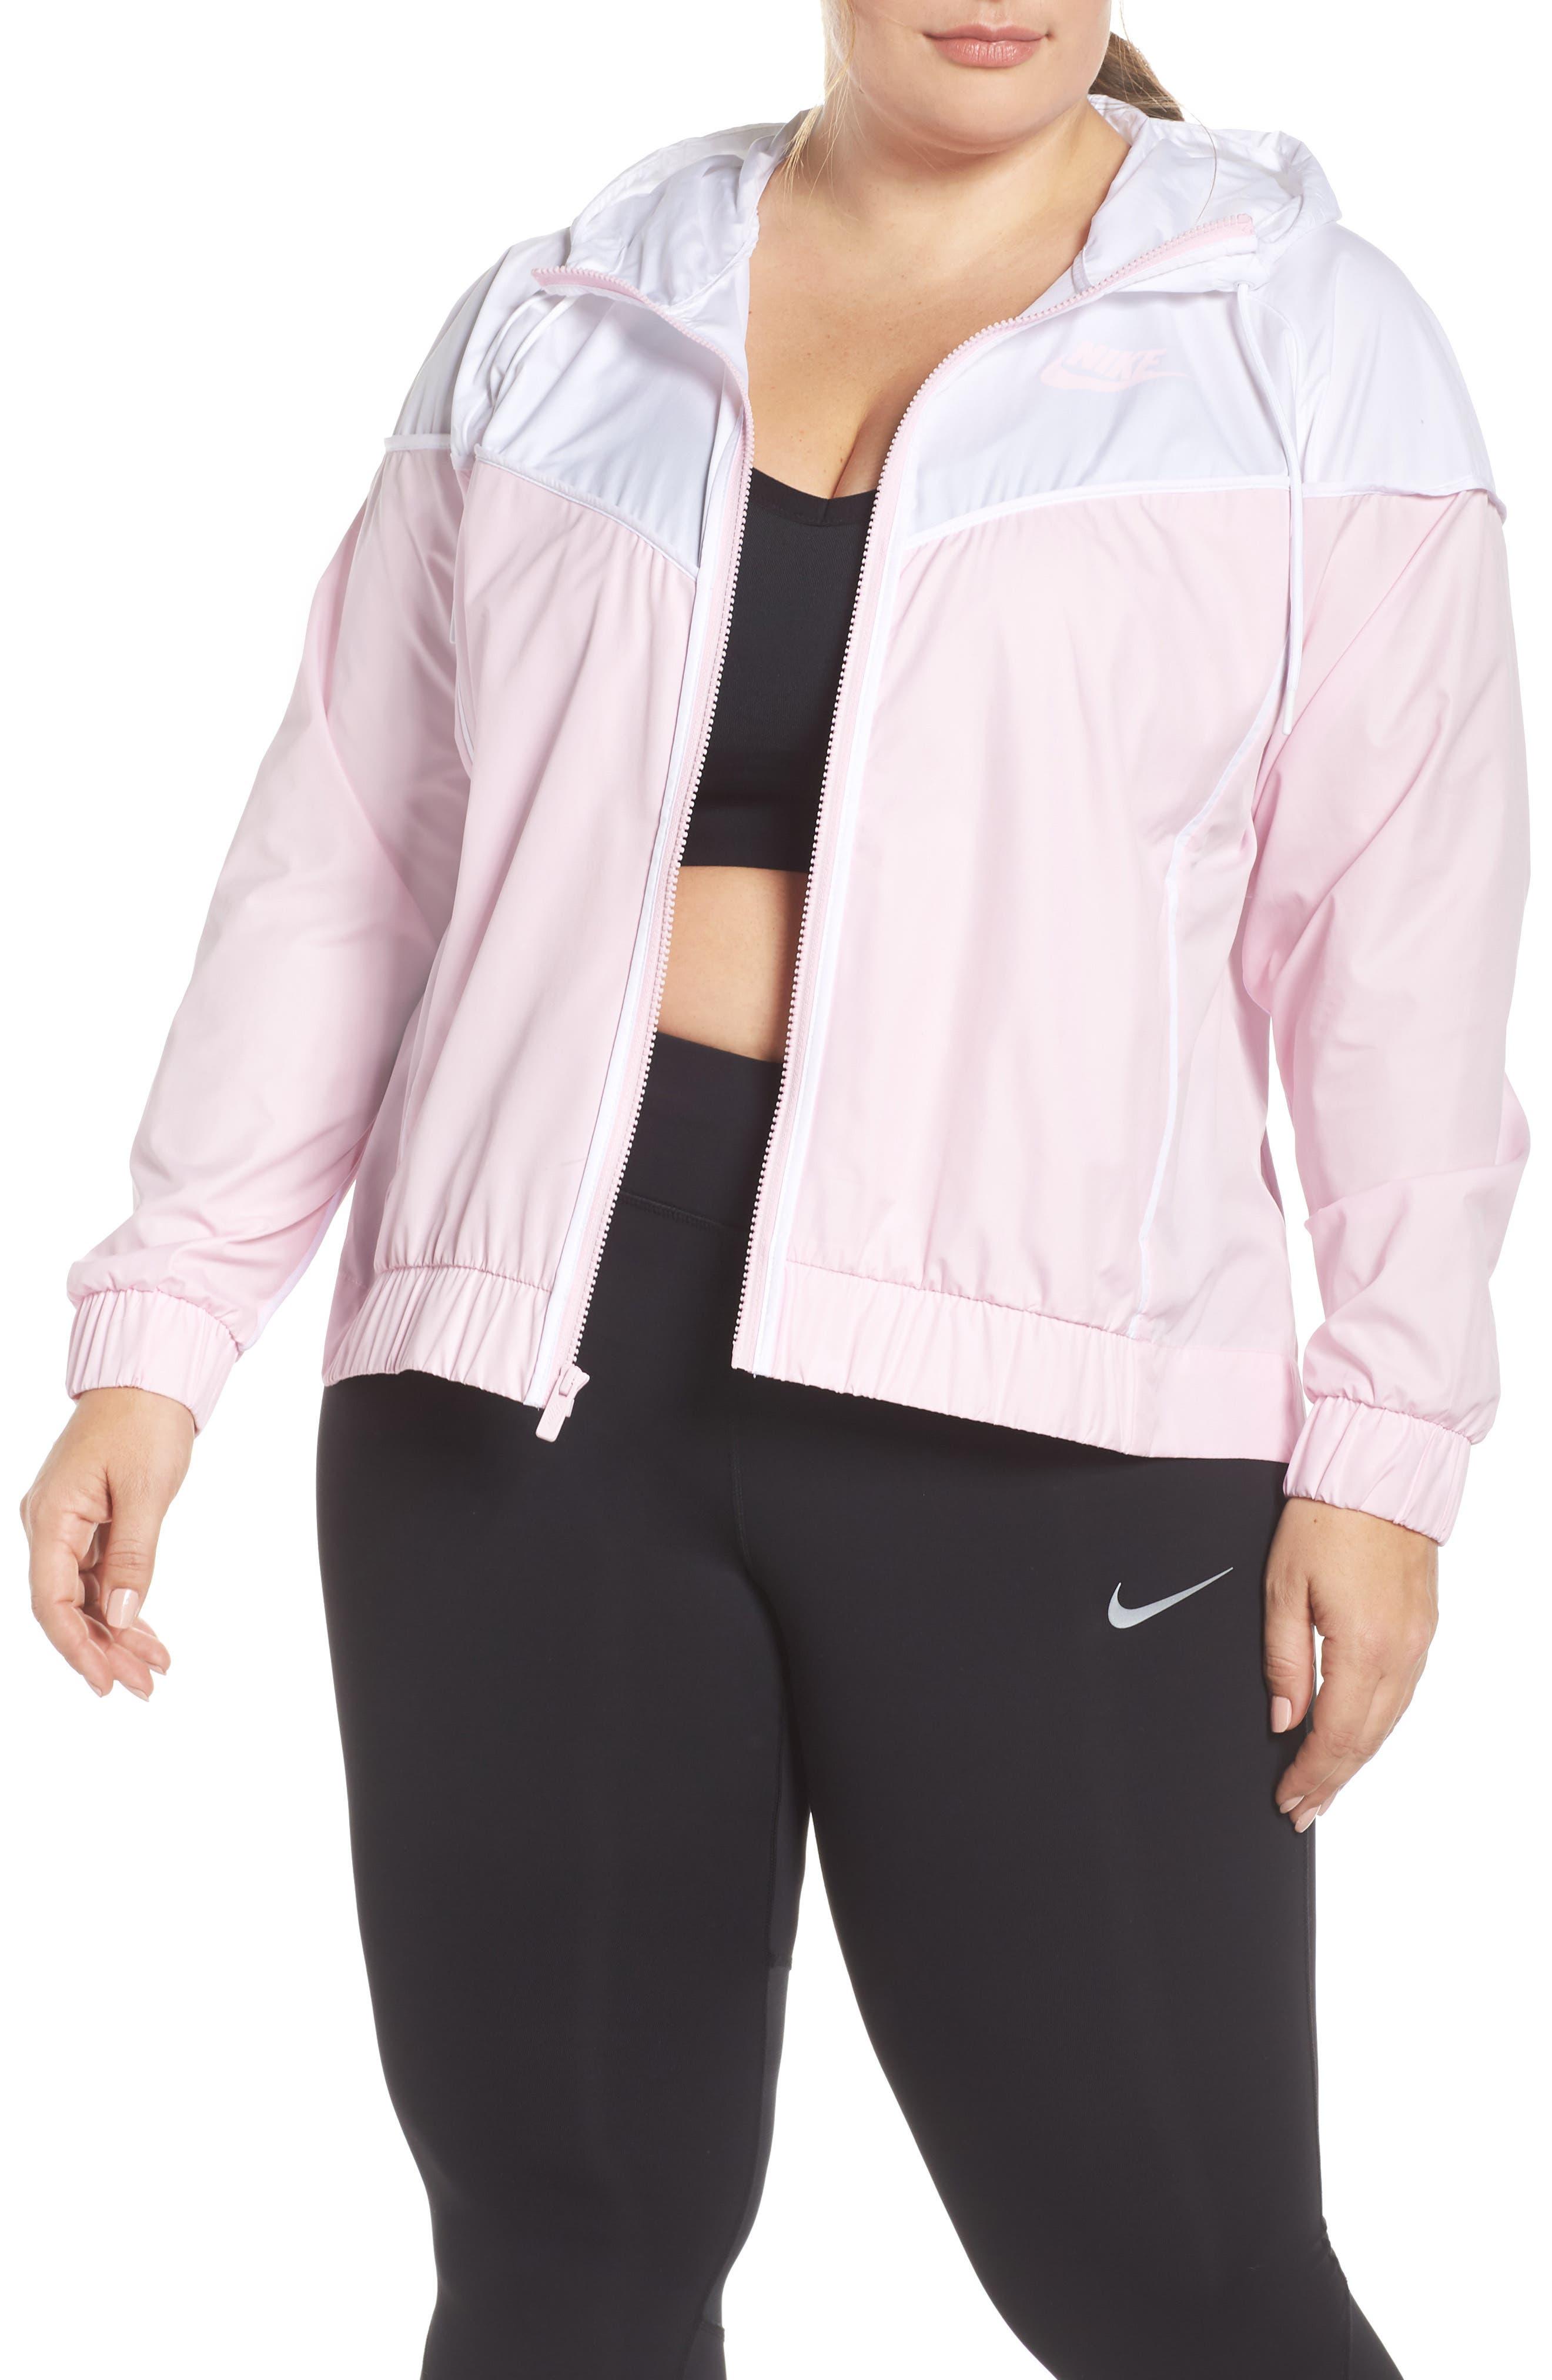 NIKE Sportswear Windrunner Jacket, Main, color, PINK FOAM/ WHITE/ PINK FOAM